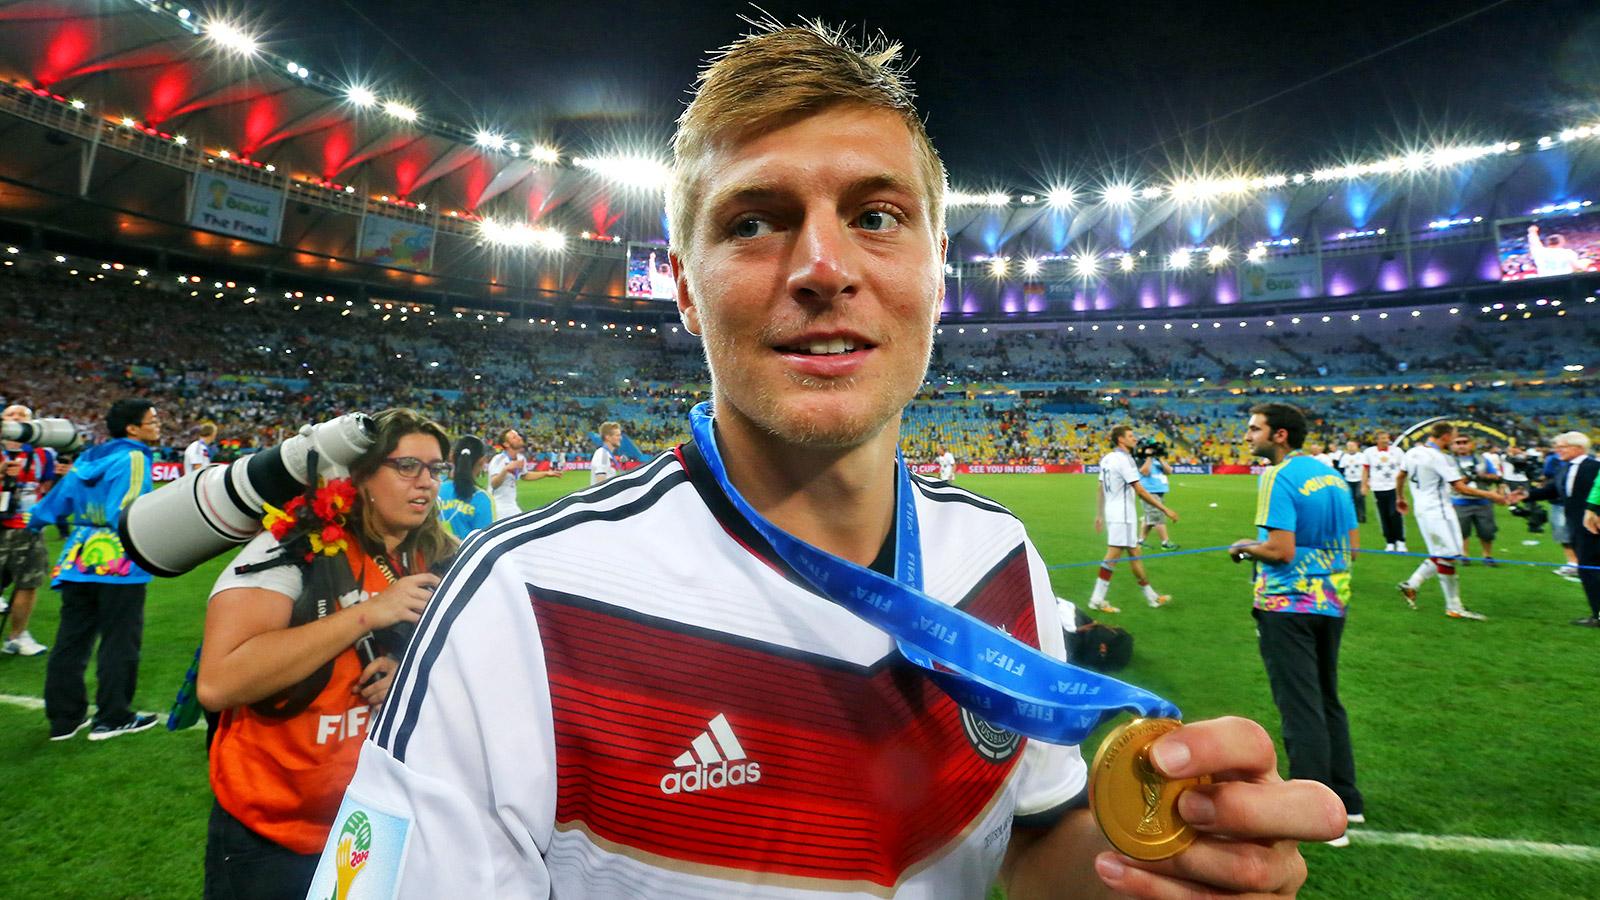 Calciomercato: Toni Kroos a breve l'annuncio